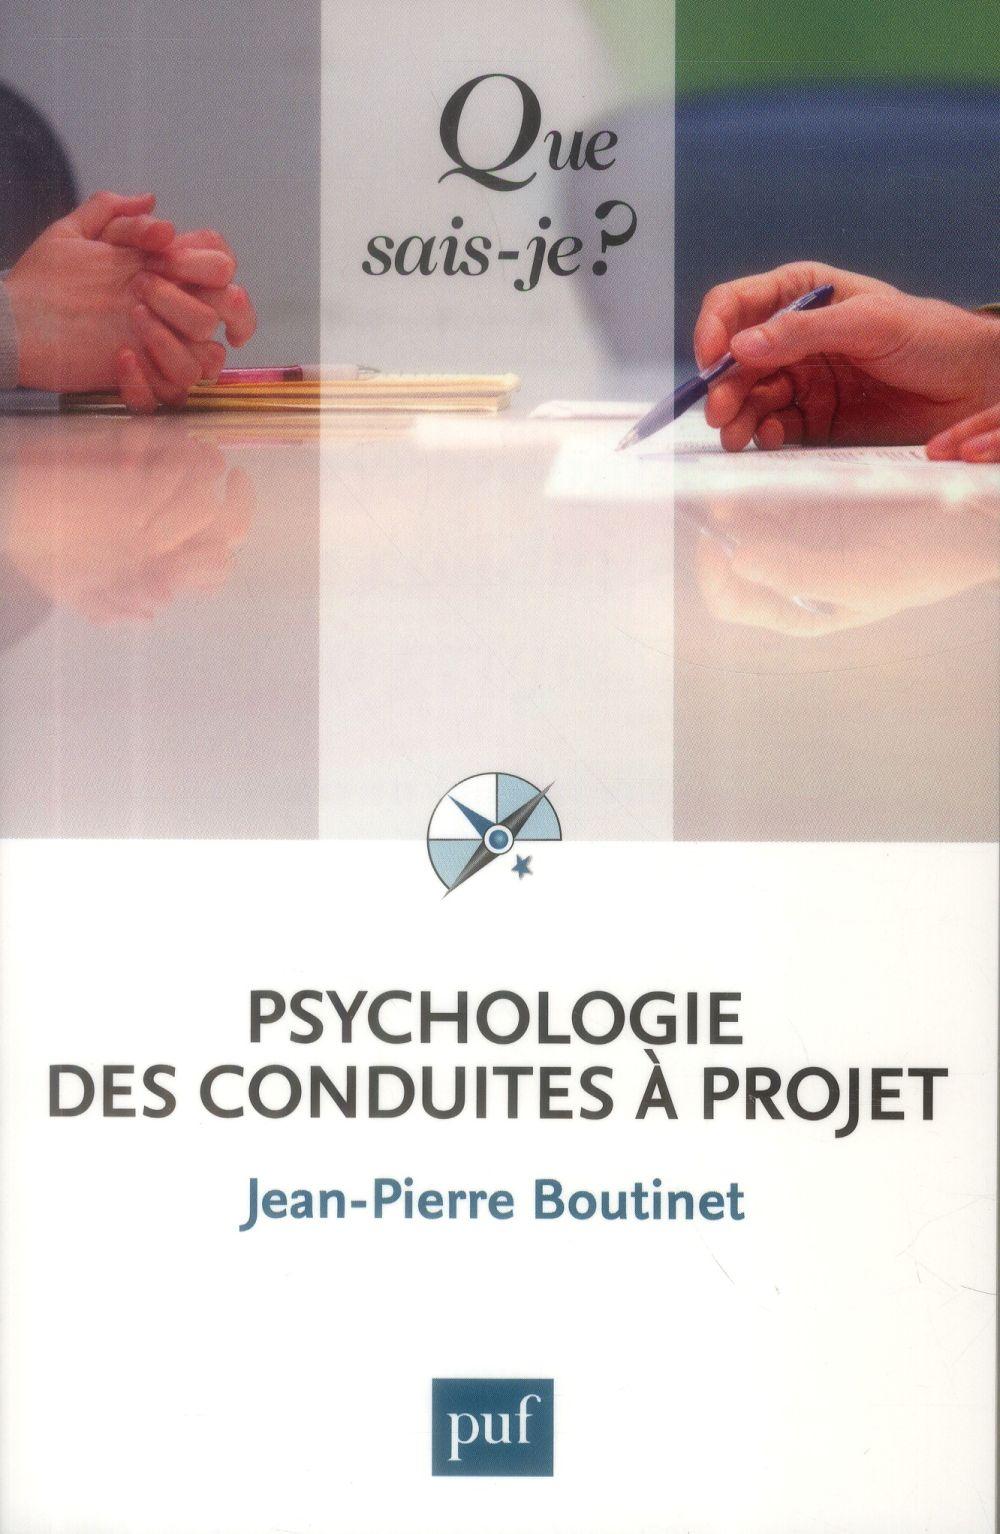 PSYCHOLOGIE DES CONDUITES A PROJET (6ED) QSJ 2770